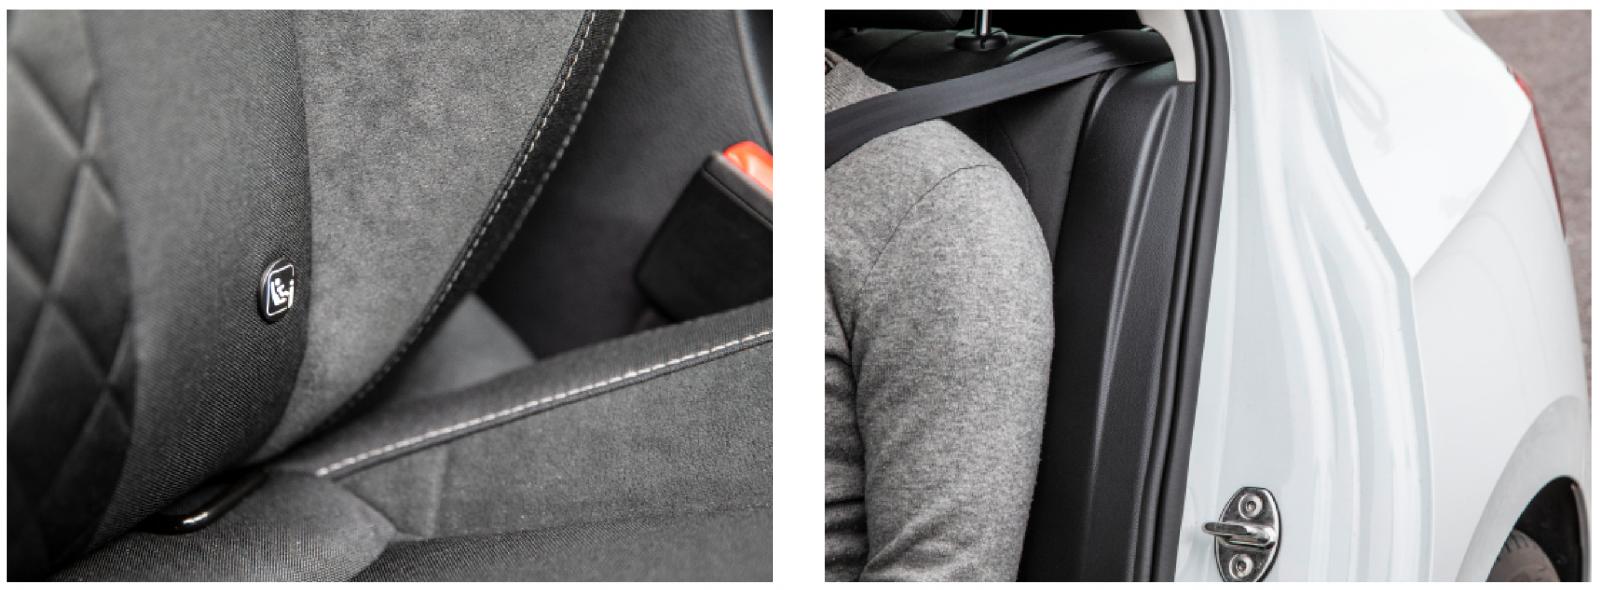 Till vänster: Isofixfäste fram ger fler säkra sittplatser för barnstolar. Här Skoda. Till höger: Som enda testbil har VW sidokrockkudde bak –  dock tillval.